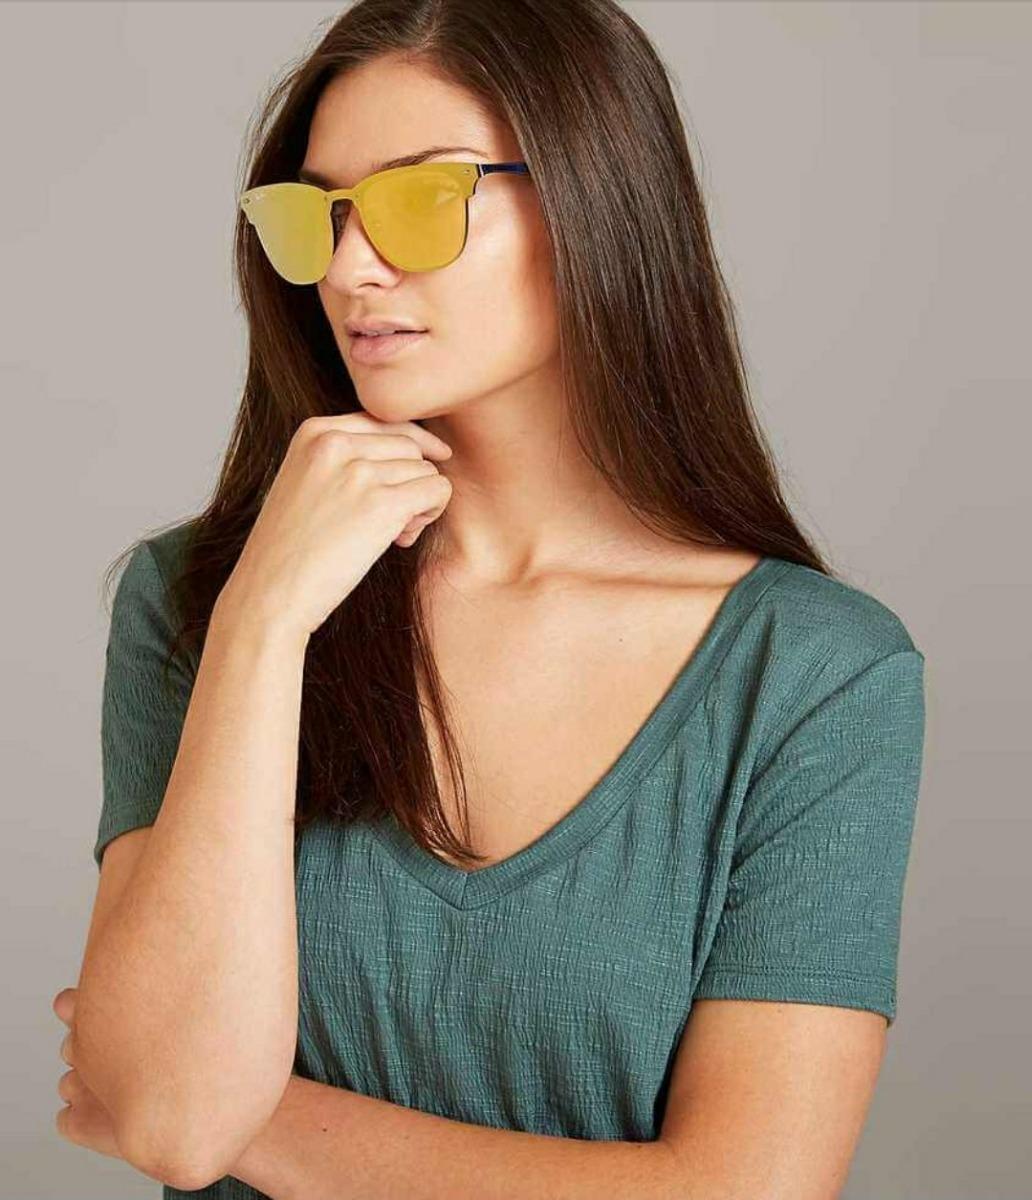 54a62225c3513 óculos de sol escuro feminino espelhado unissex marca famosa. Carregando  zoom.